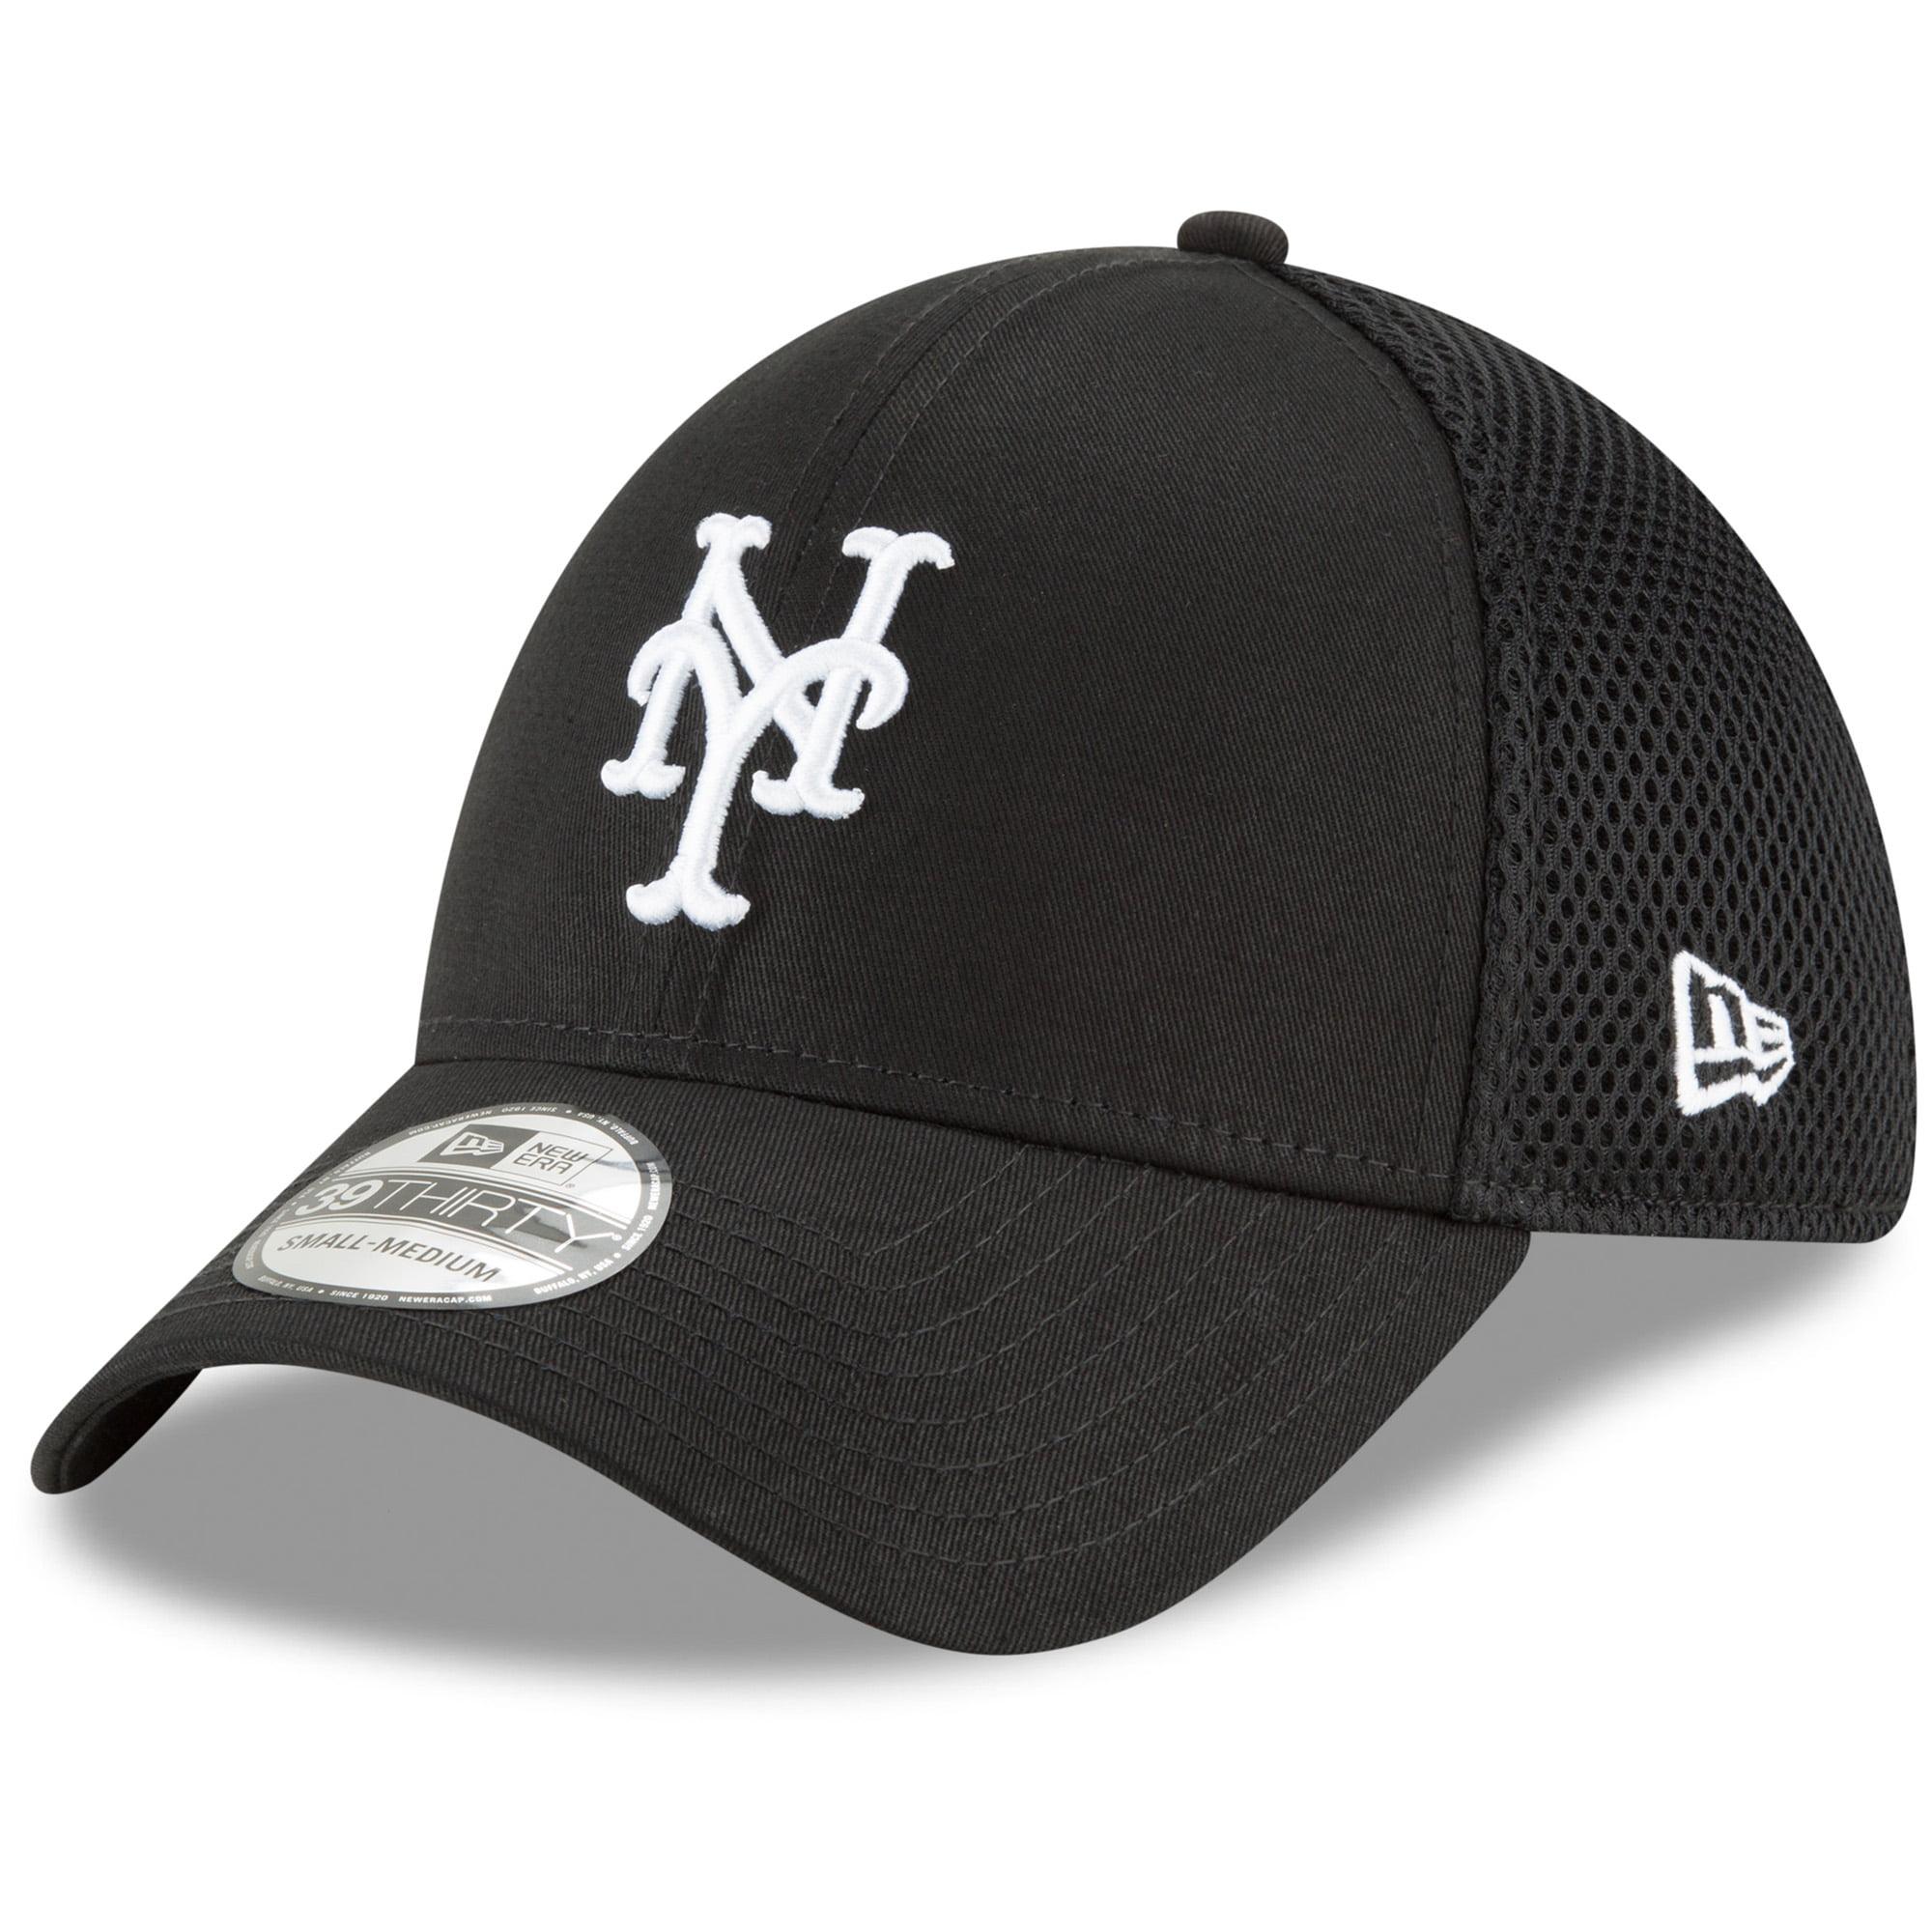 New York Mets New Era Neo 39THIRTY Unstructured Flex Hat- Black